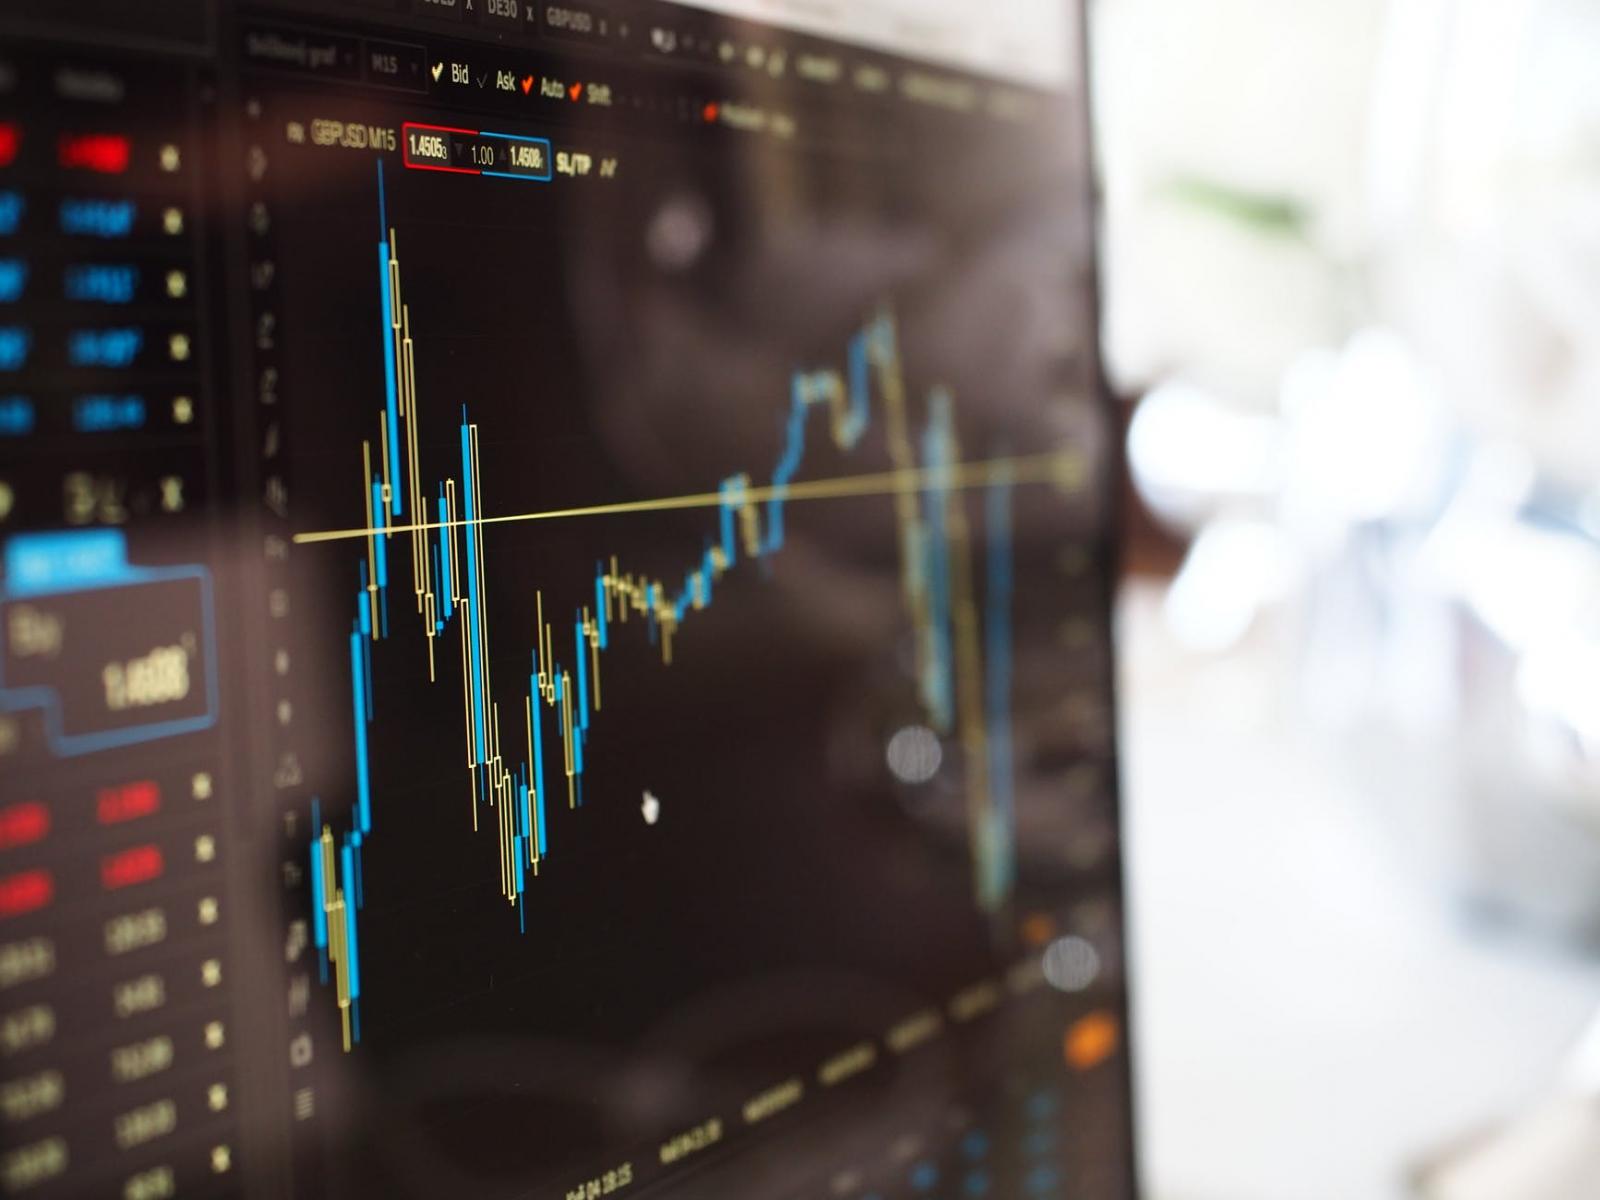 【理財專知】 什麼是股票融資斷頭?遇到時該怎麼處理?